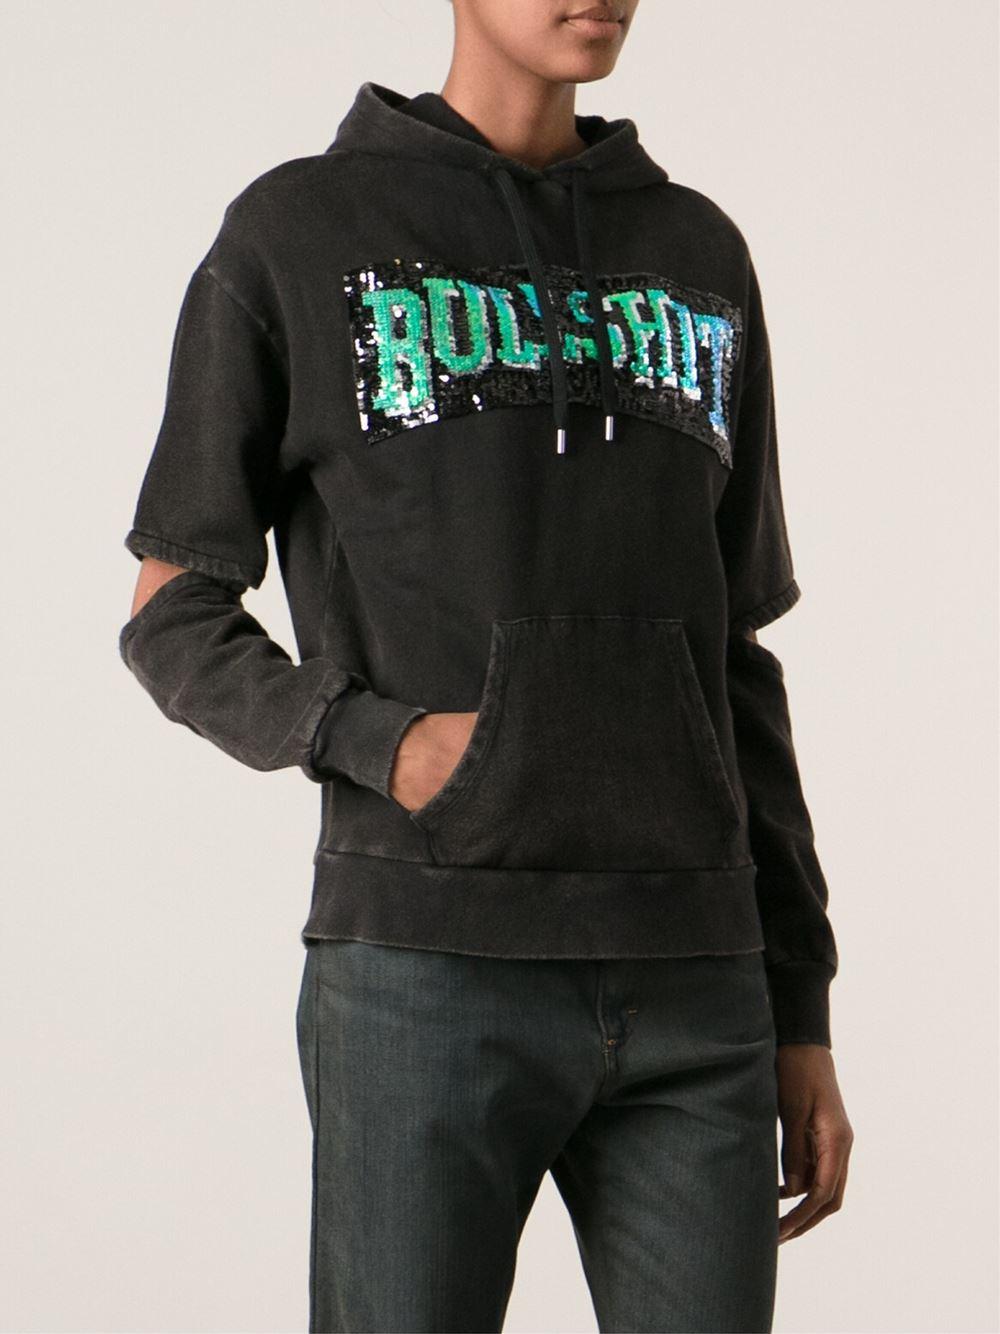 Sequin hoodies